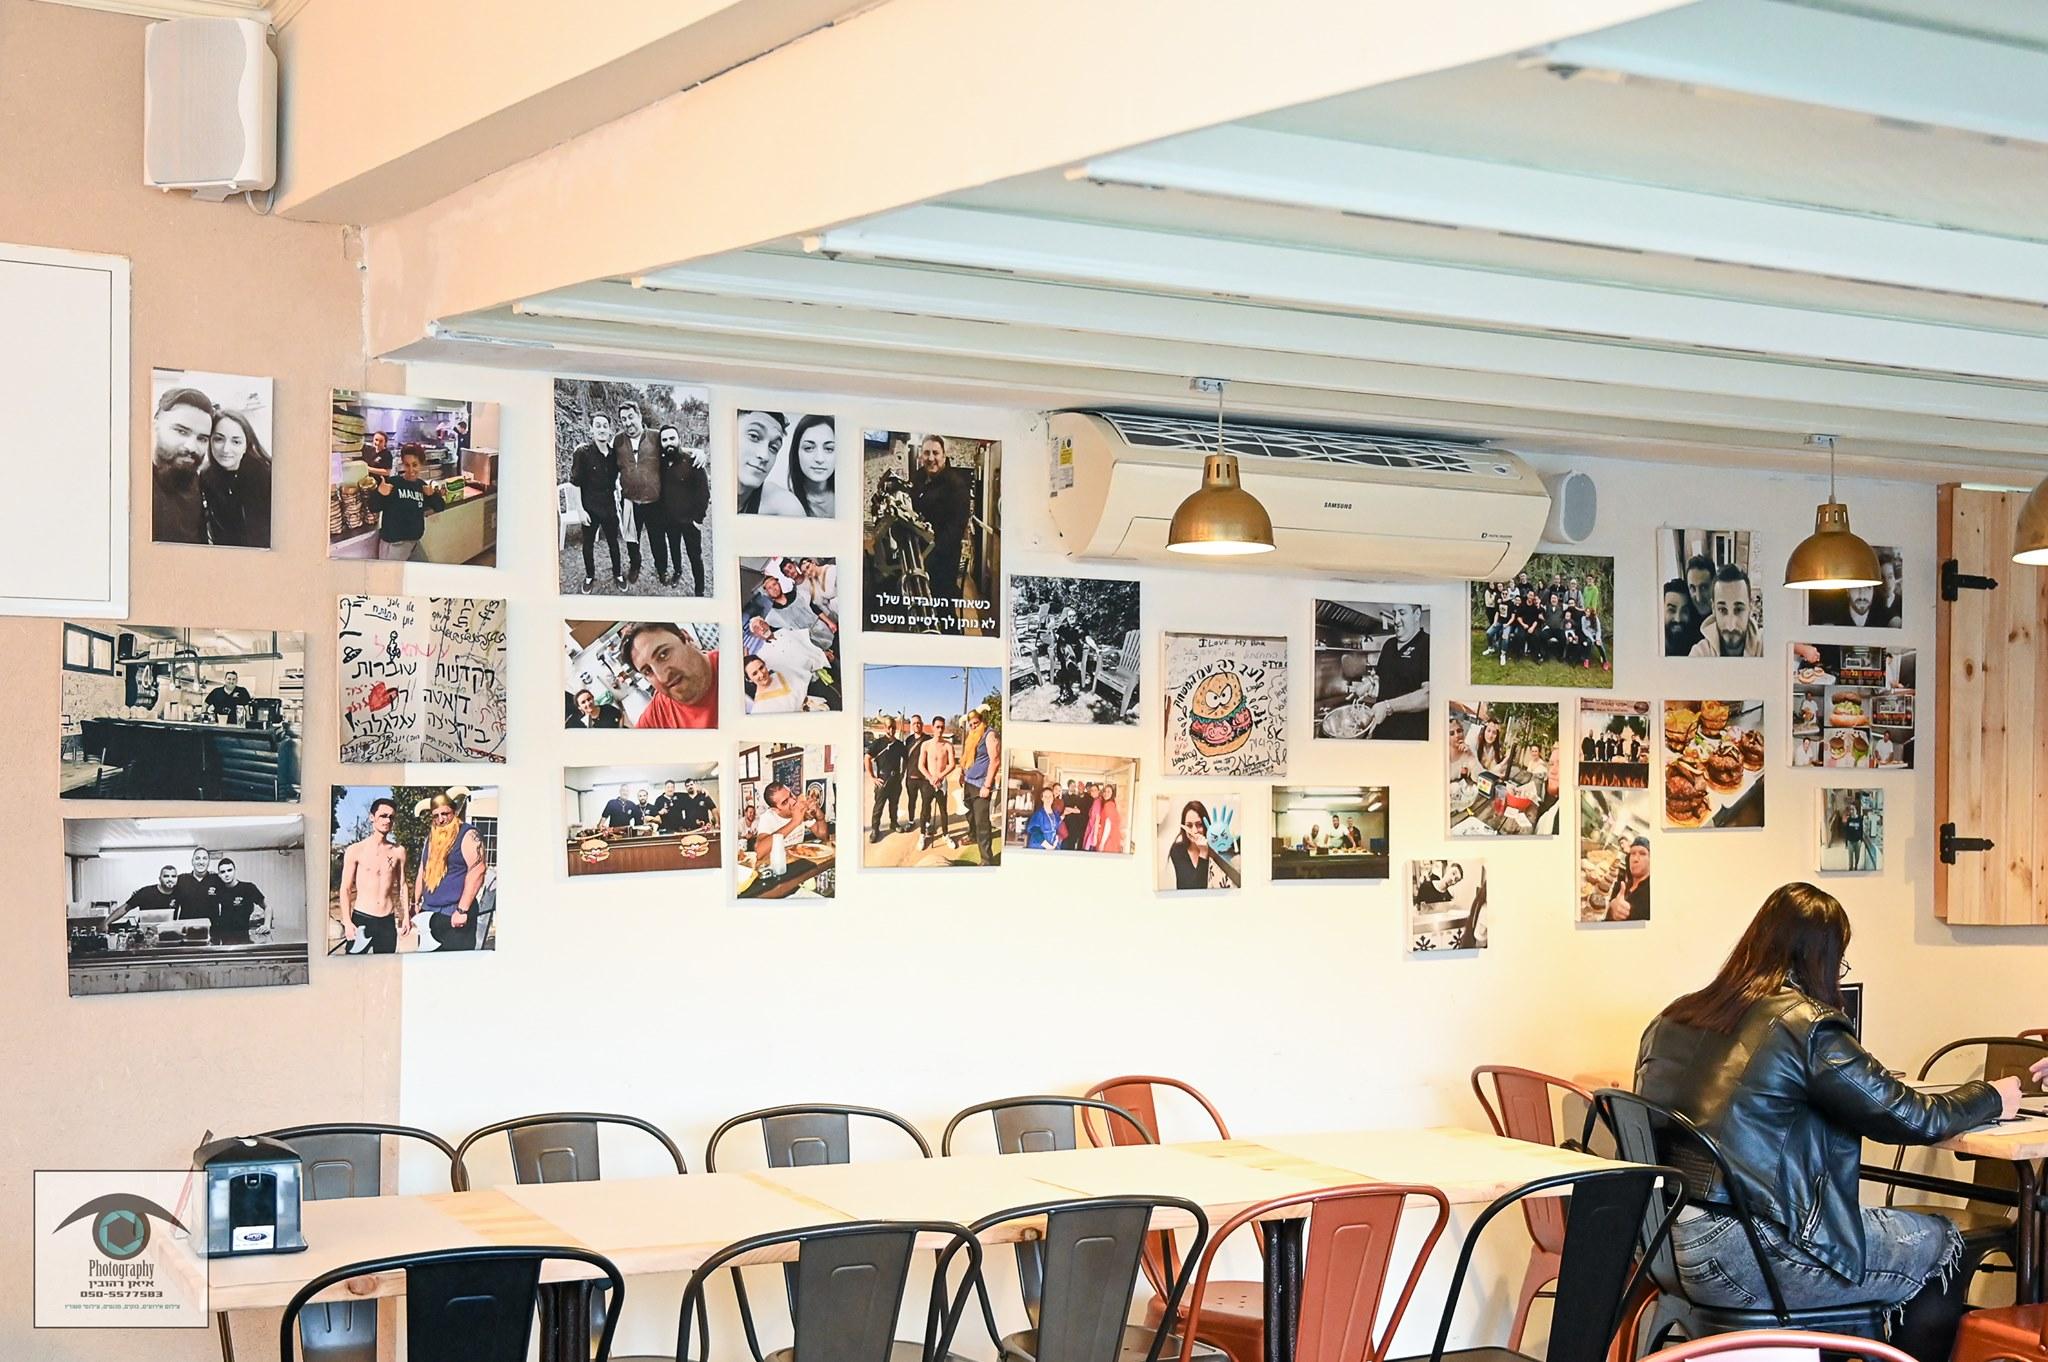 בקיר במסעדת קציצה עגלגלה